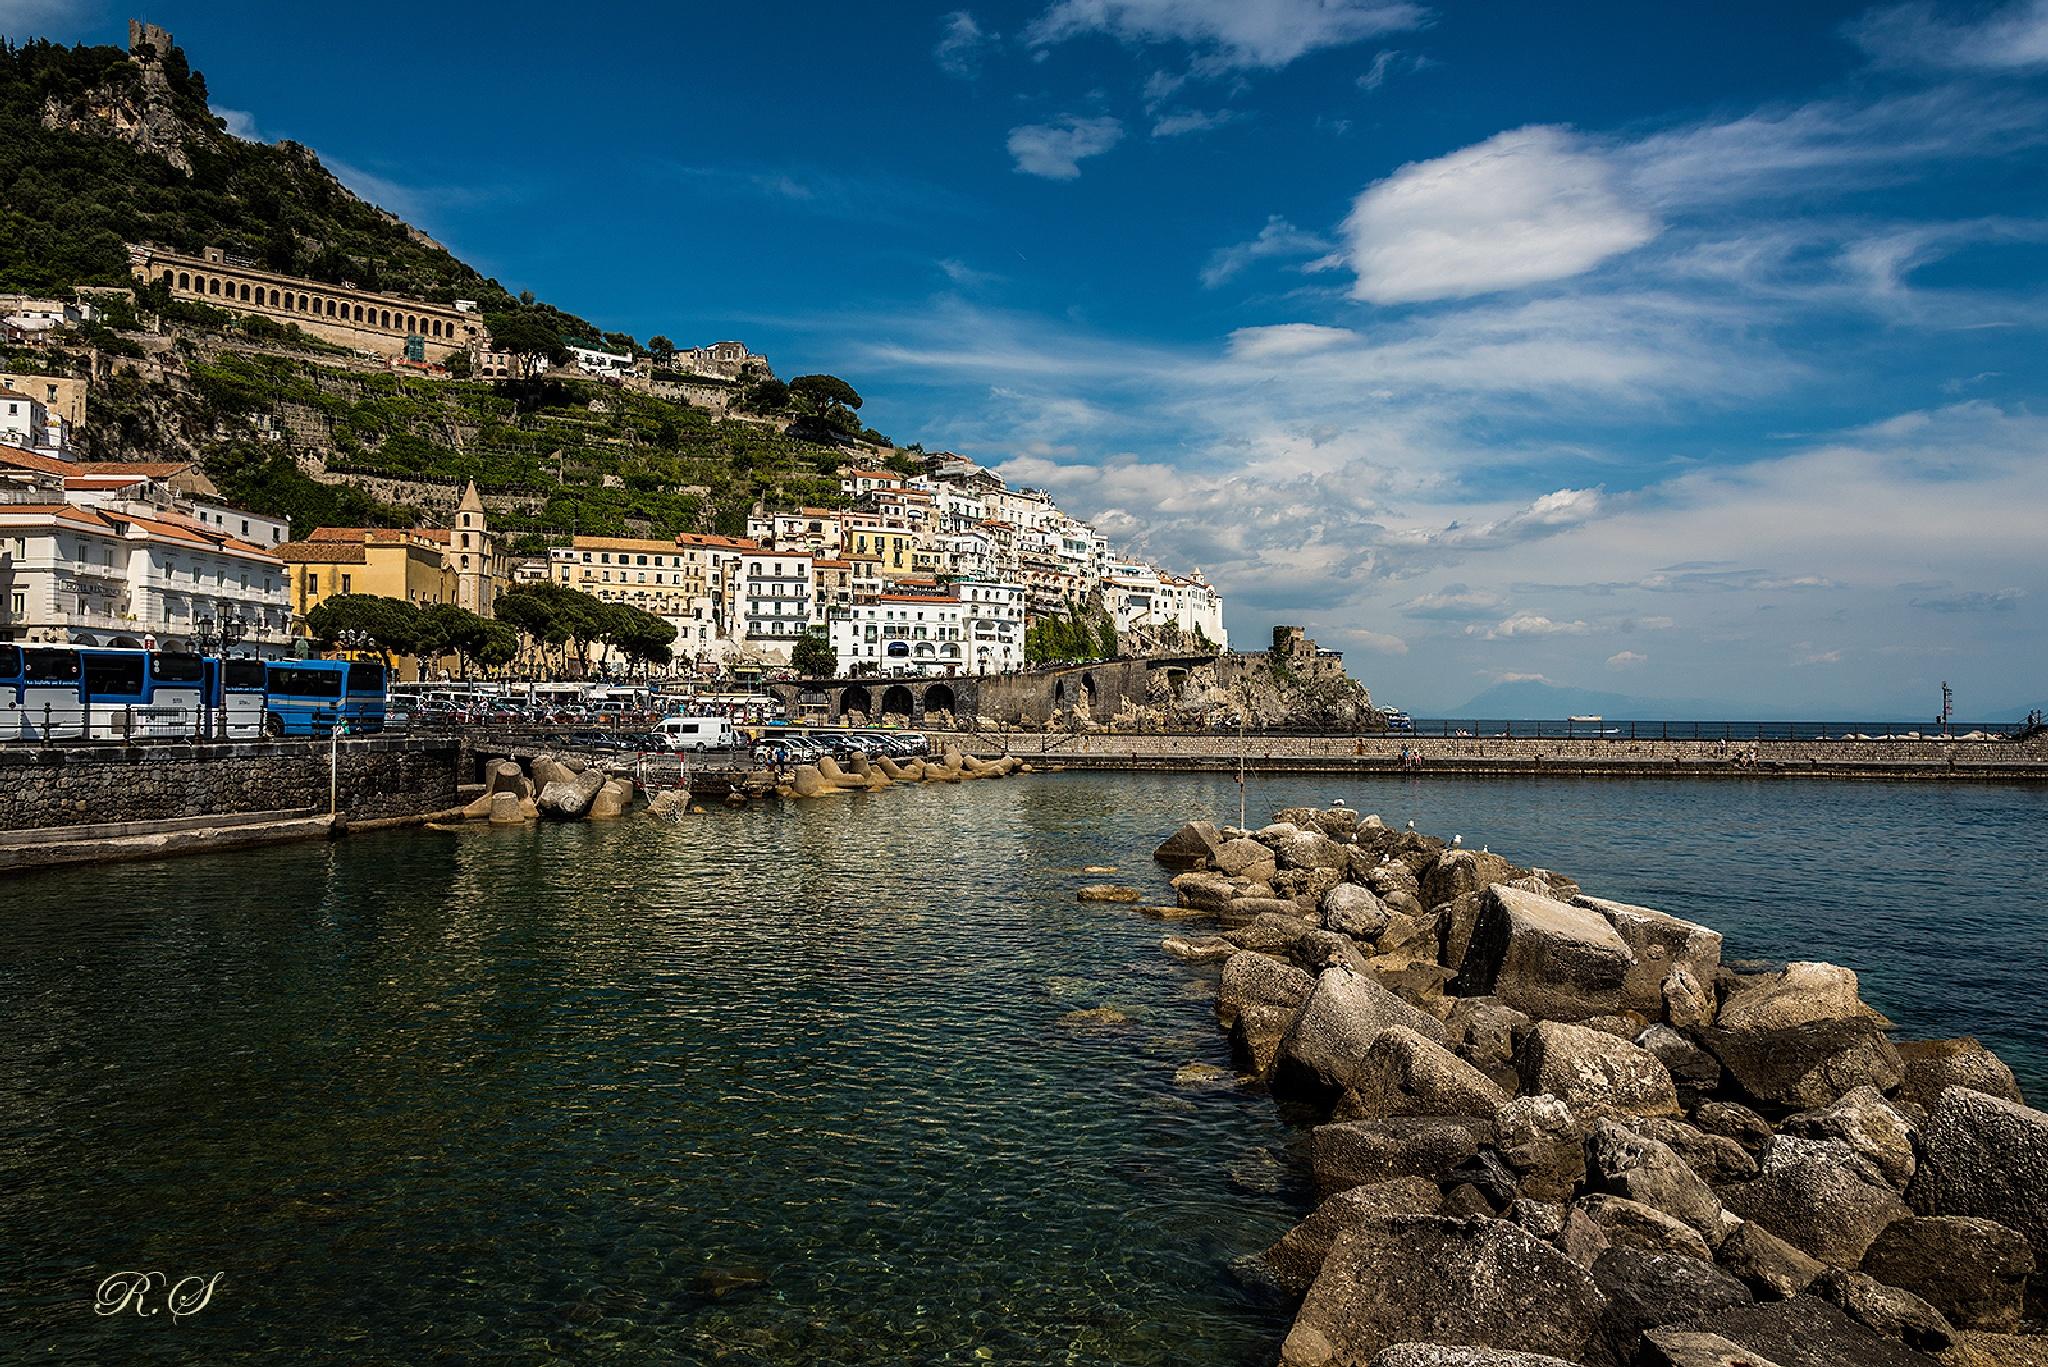 Amalfi Italy by seby